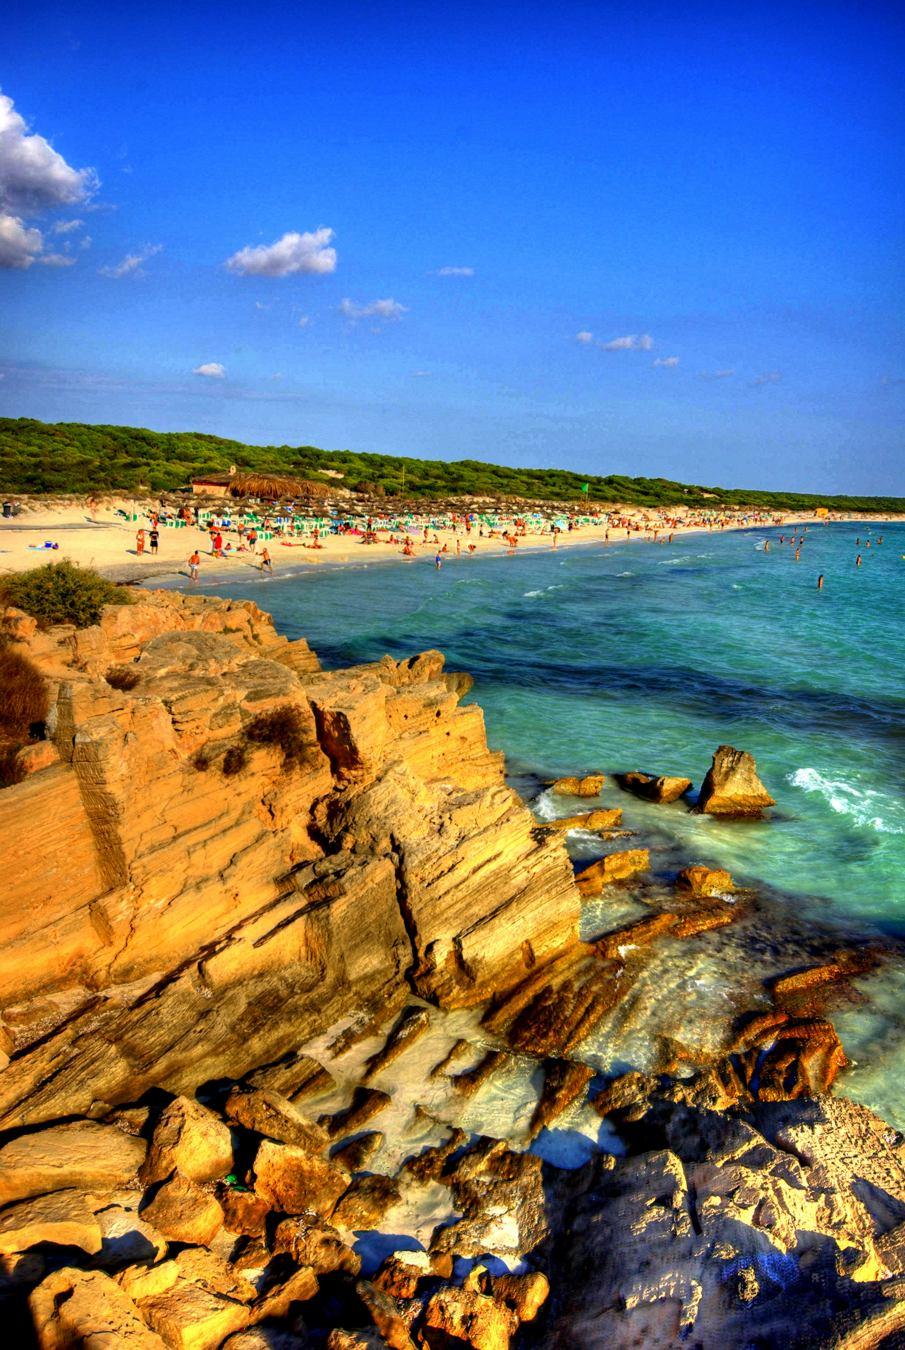 Foto playa Ses Covetes. Ses Covetes Platja des Trenc - Buy a print in - http://cafate.blogspot.com/